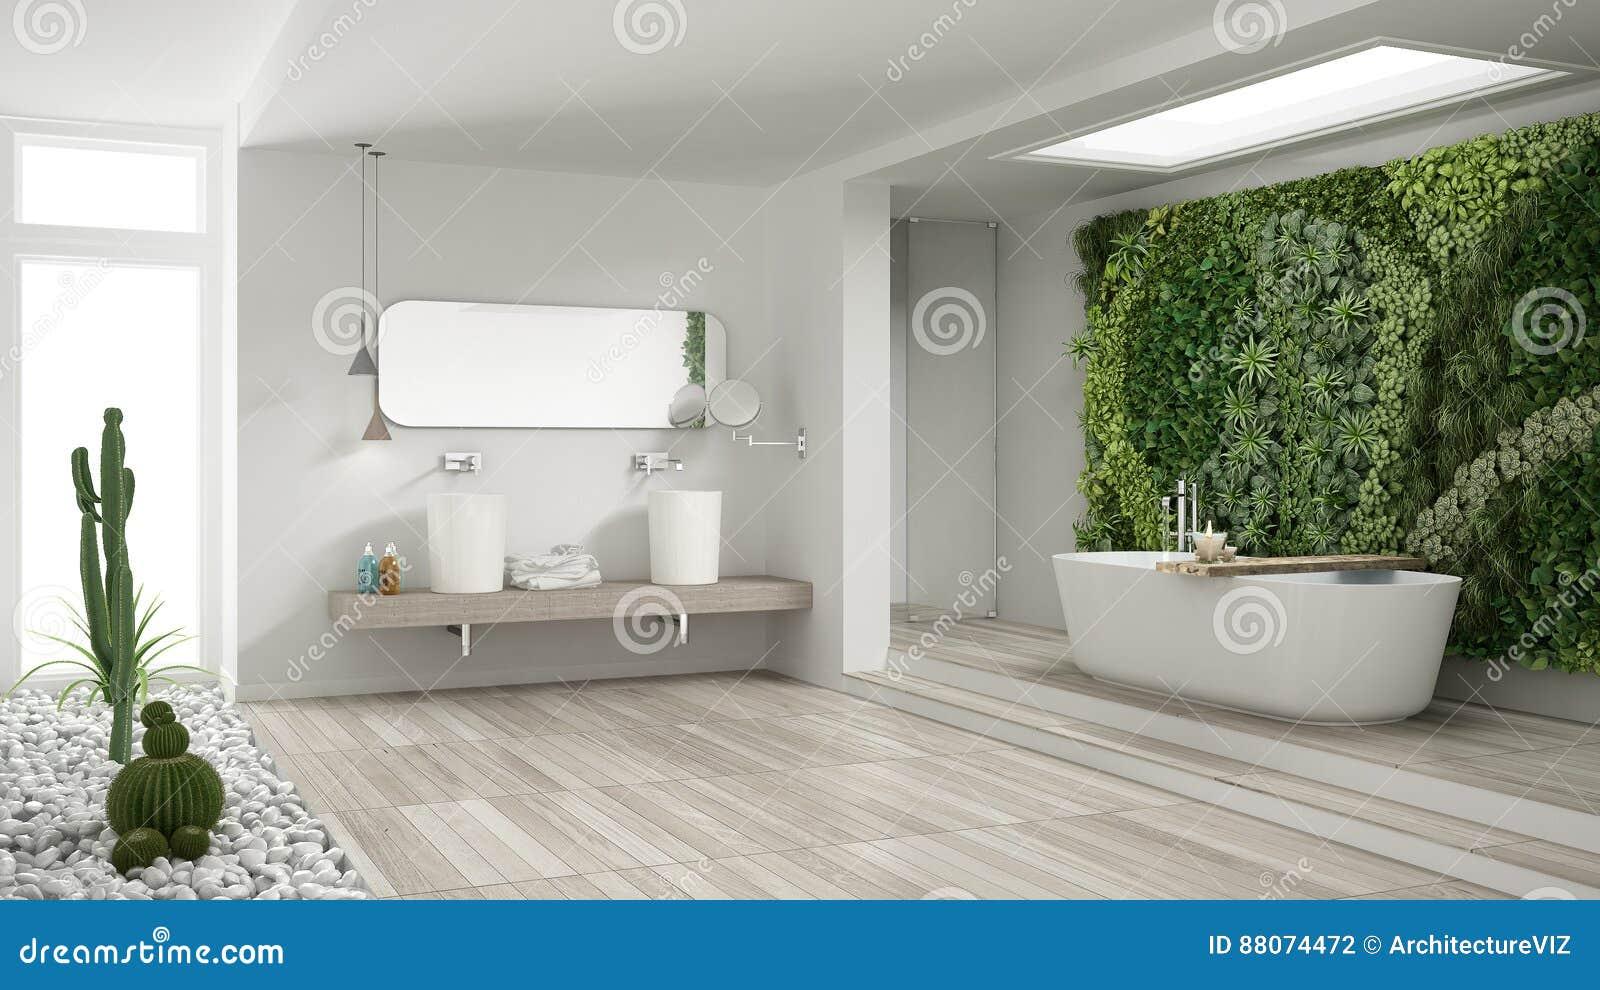 Giardini Moderni E Contemporanei : Bagno bianco minimalista con il giardino verticale e succulente wo